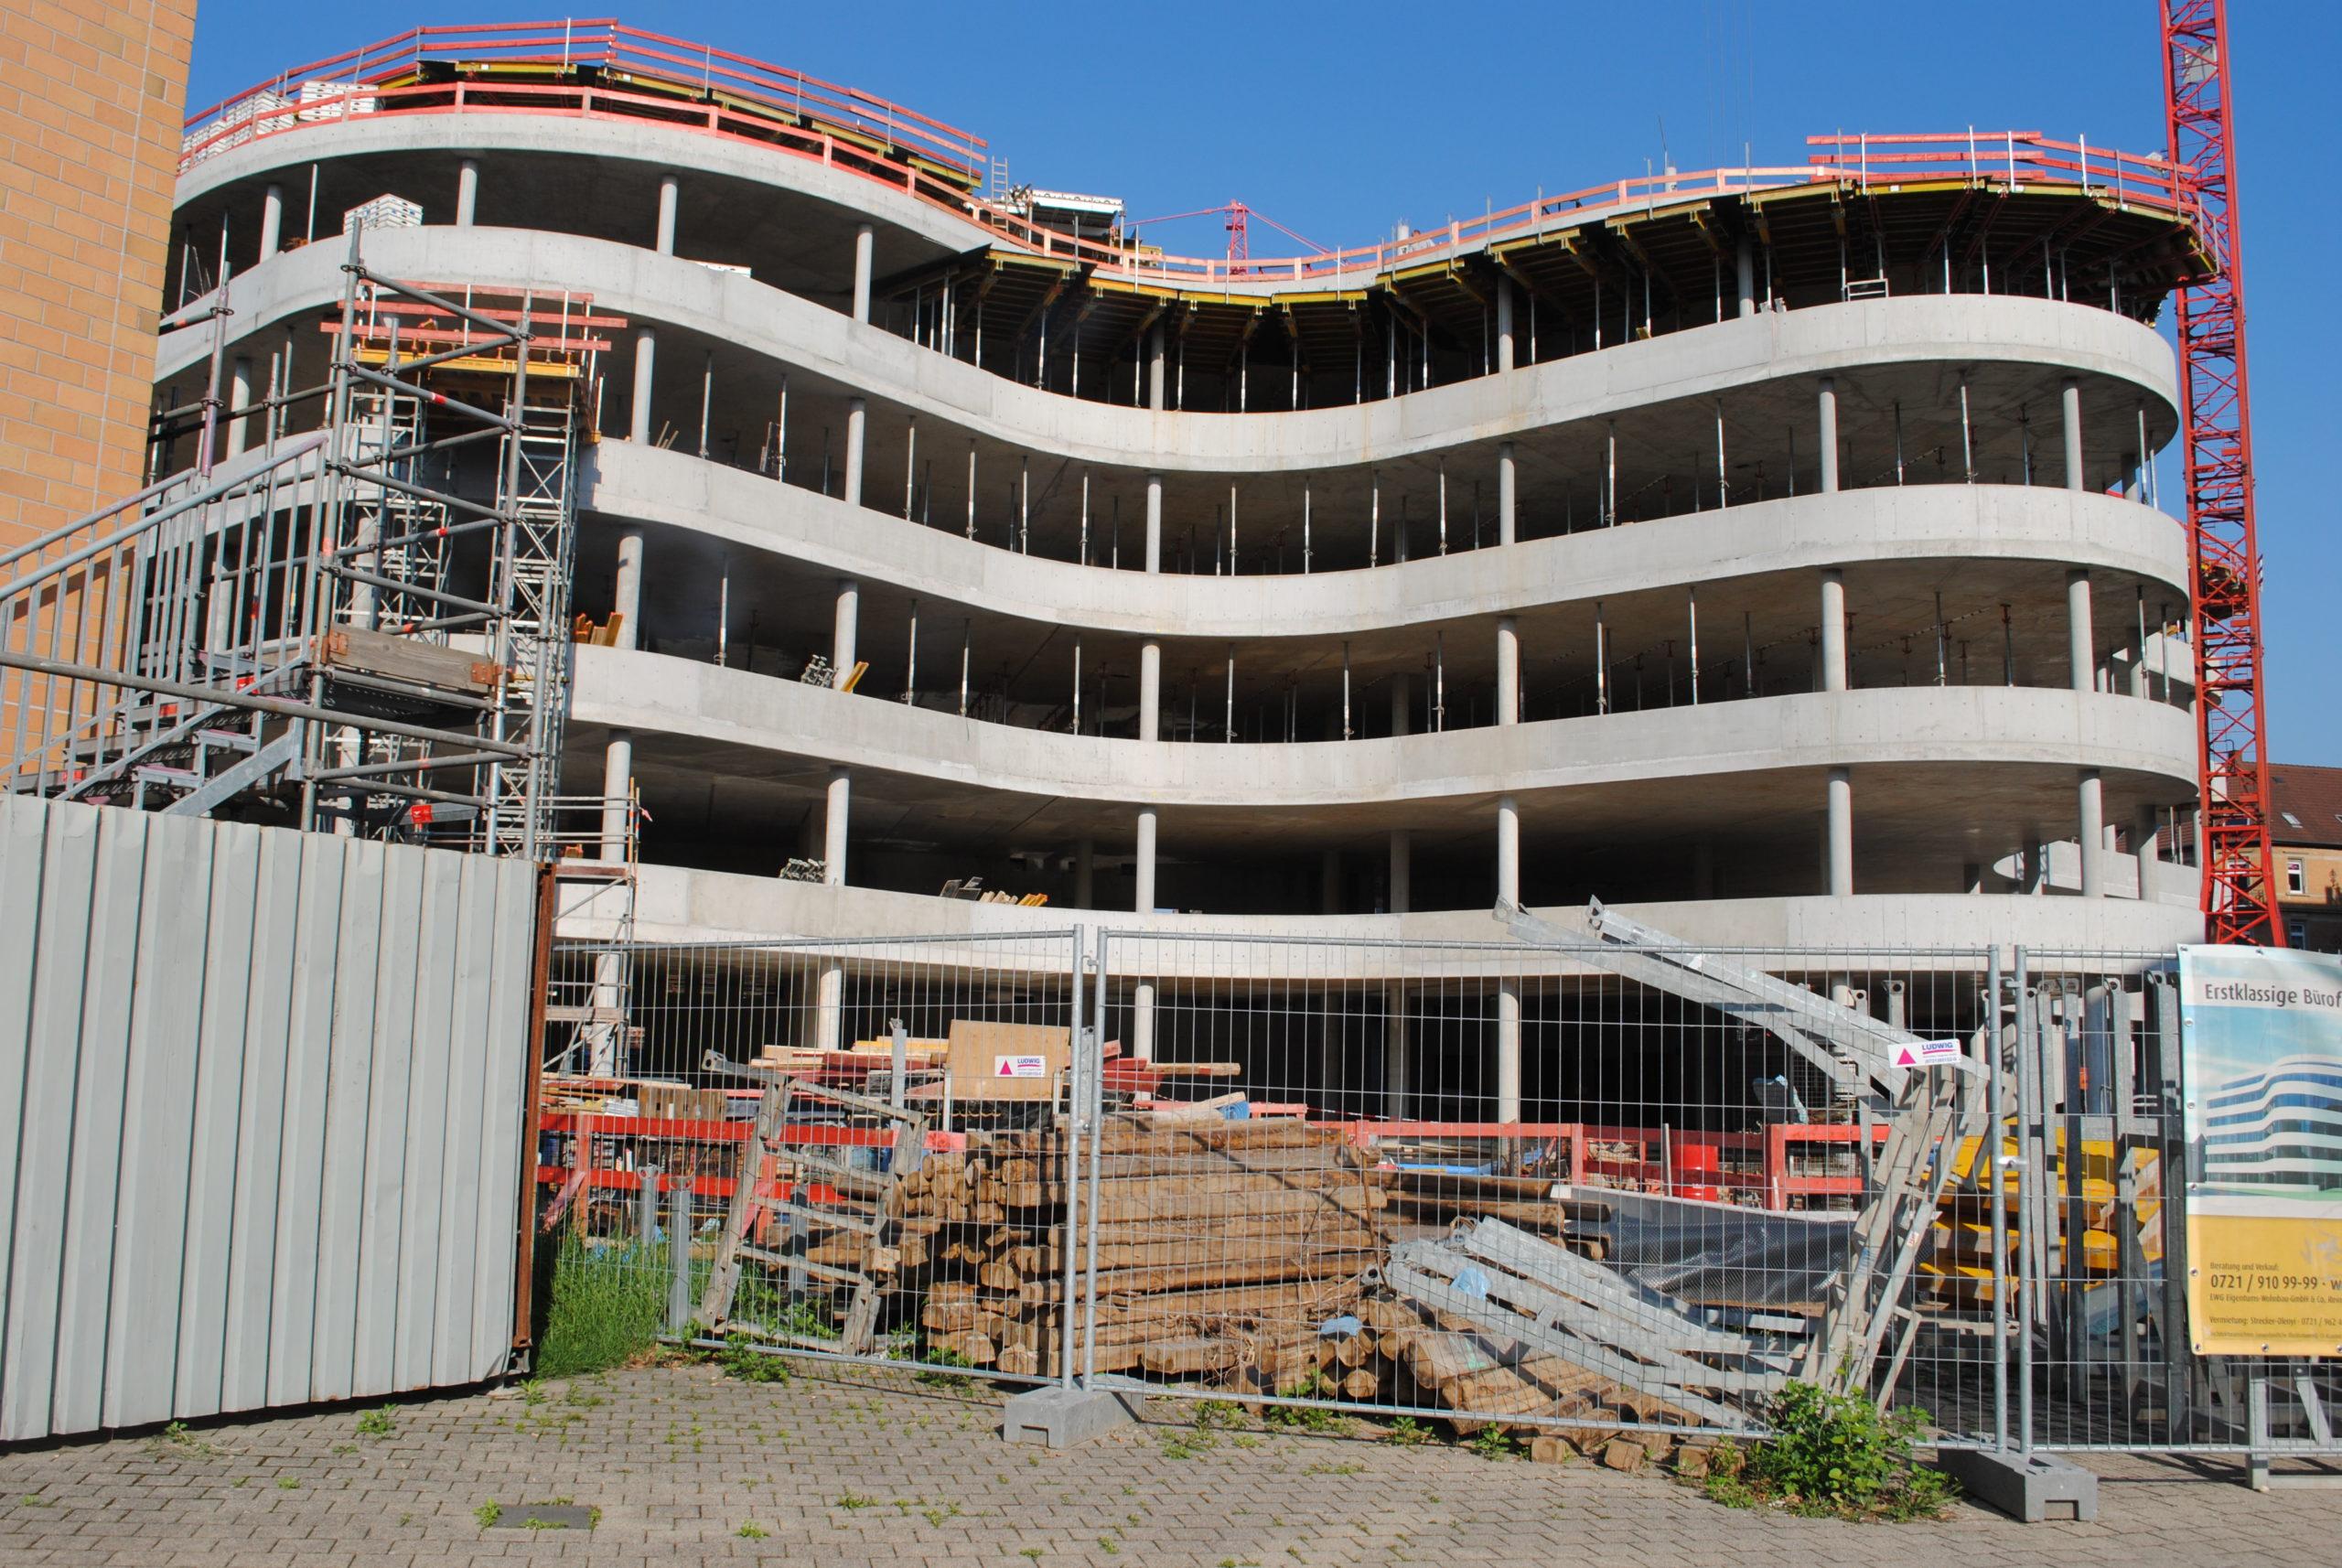 Das Synus-Gebäude im Bau - Die Form steht